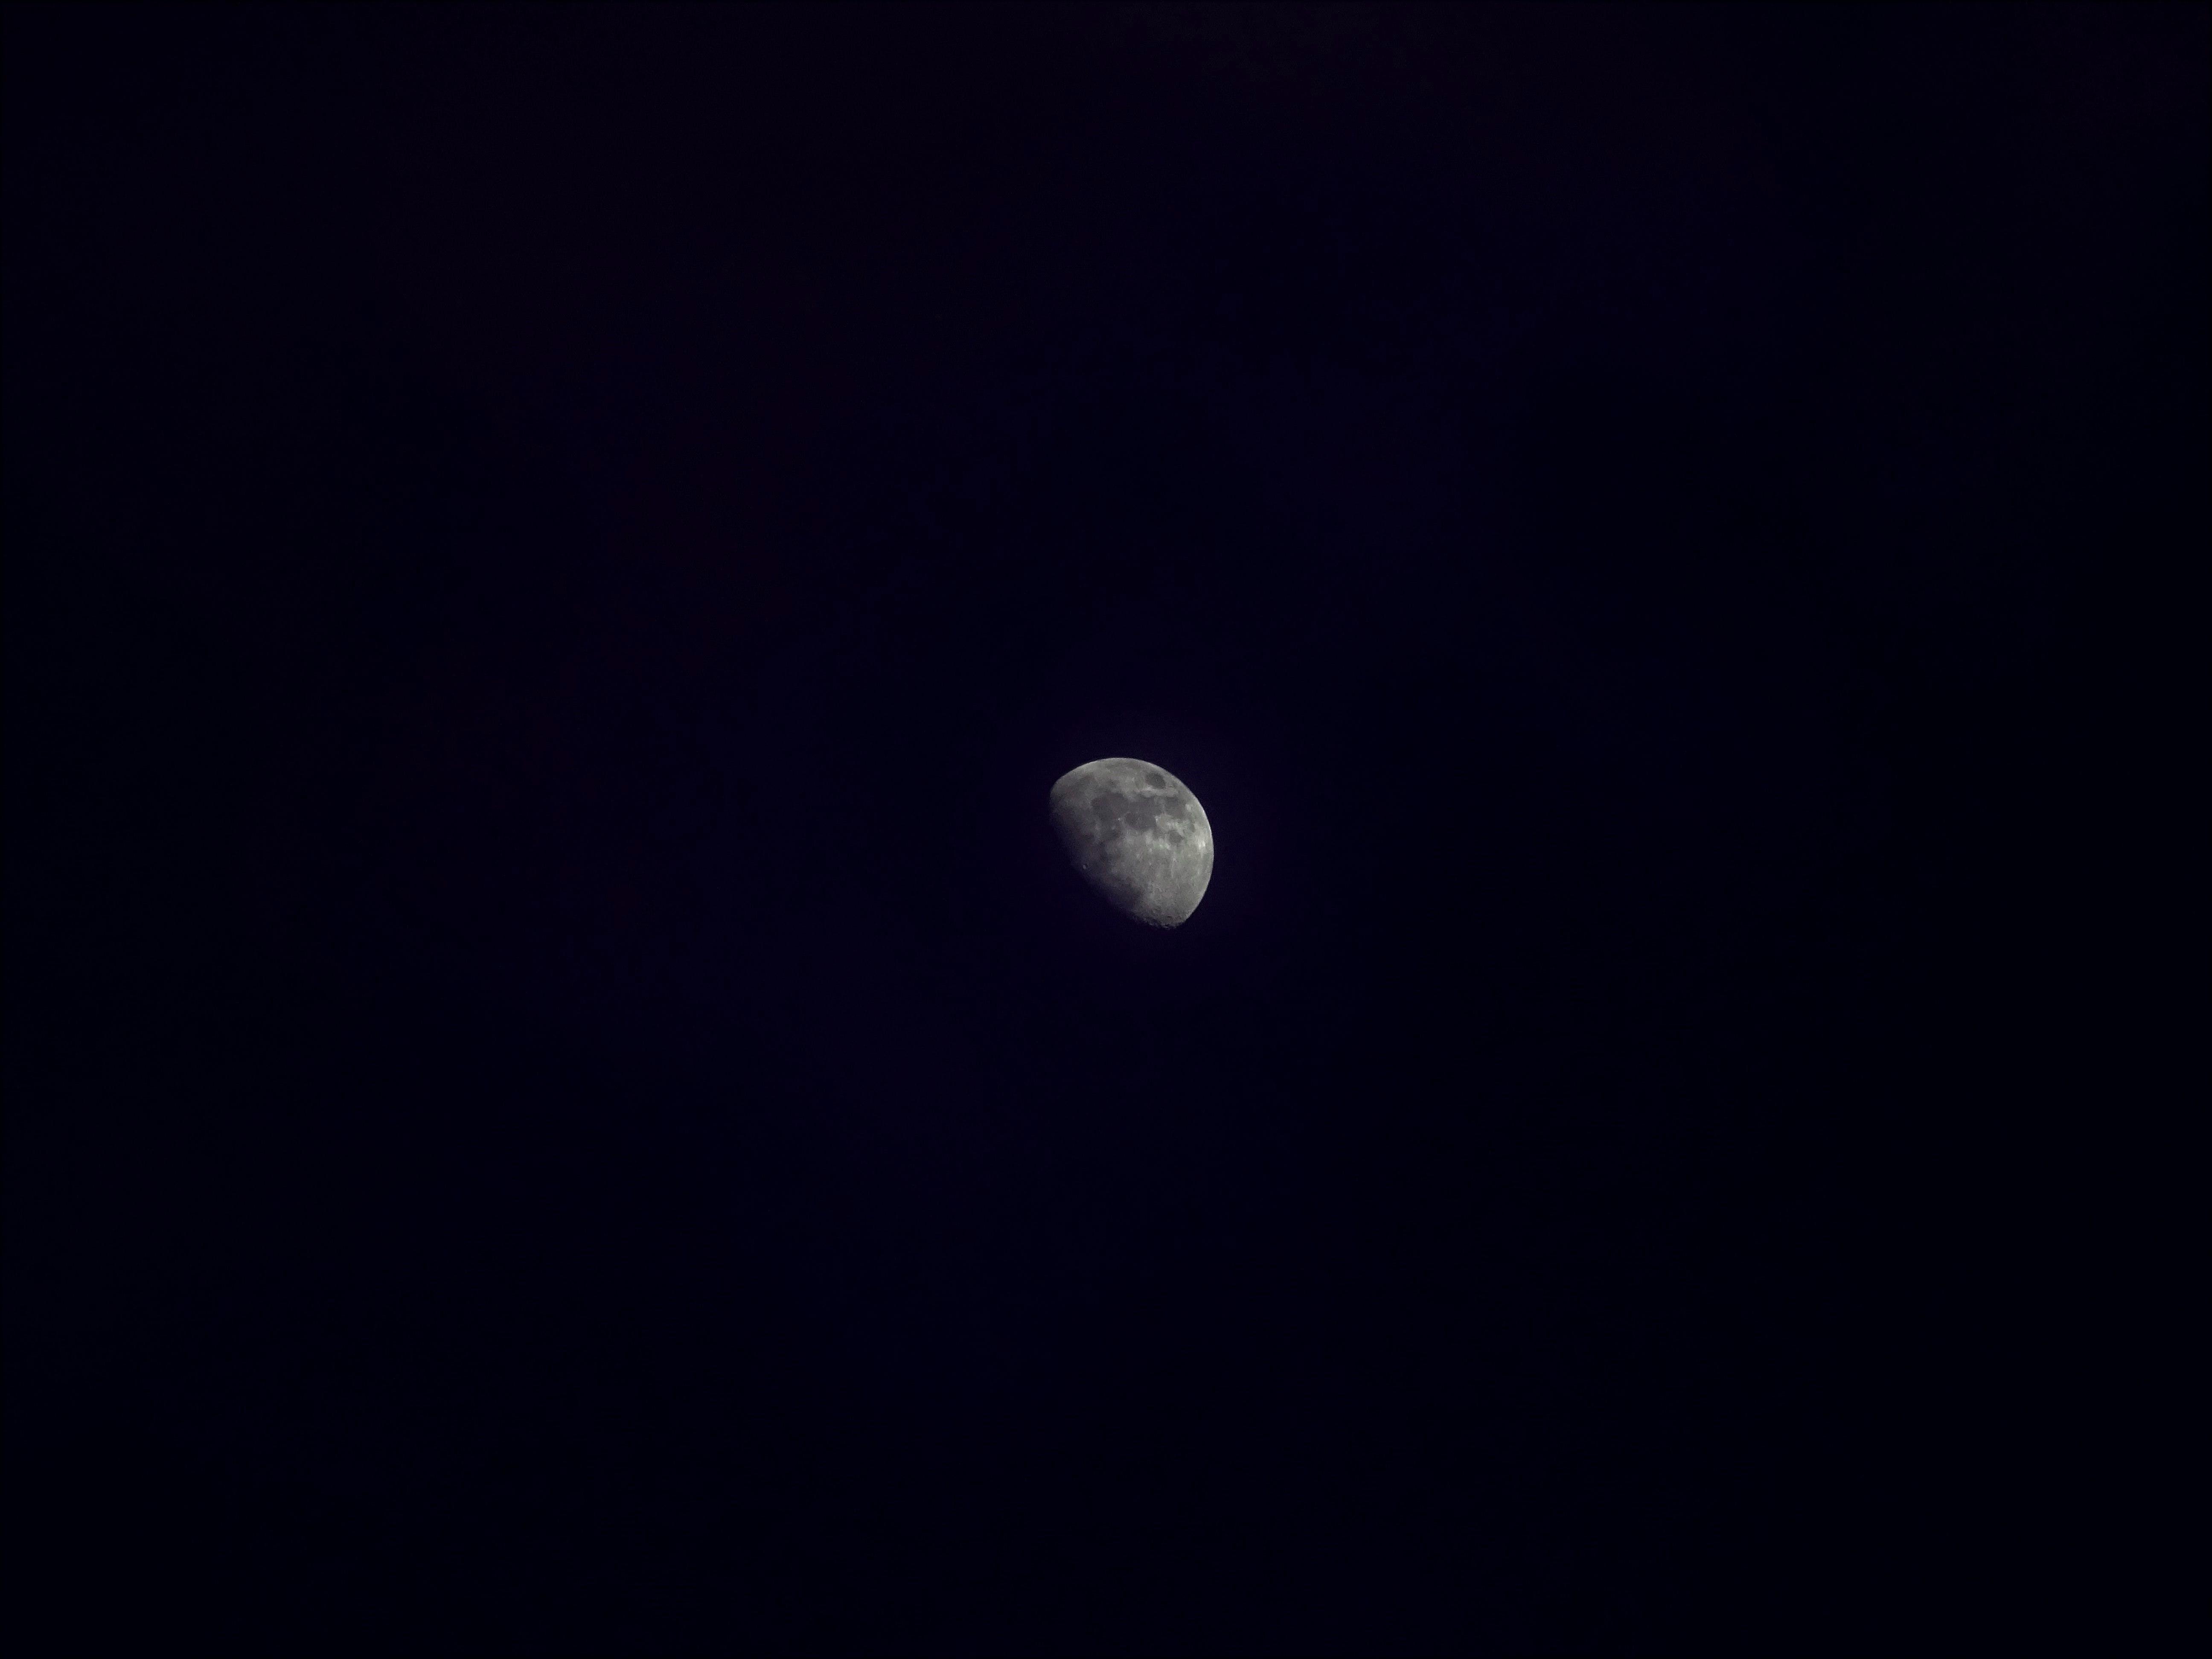 スペース, ダーク, ルナ, 半月の無料の写真素材